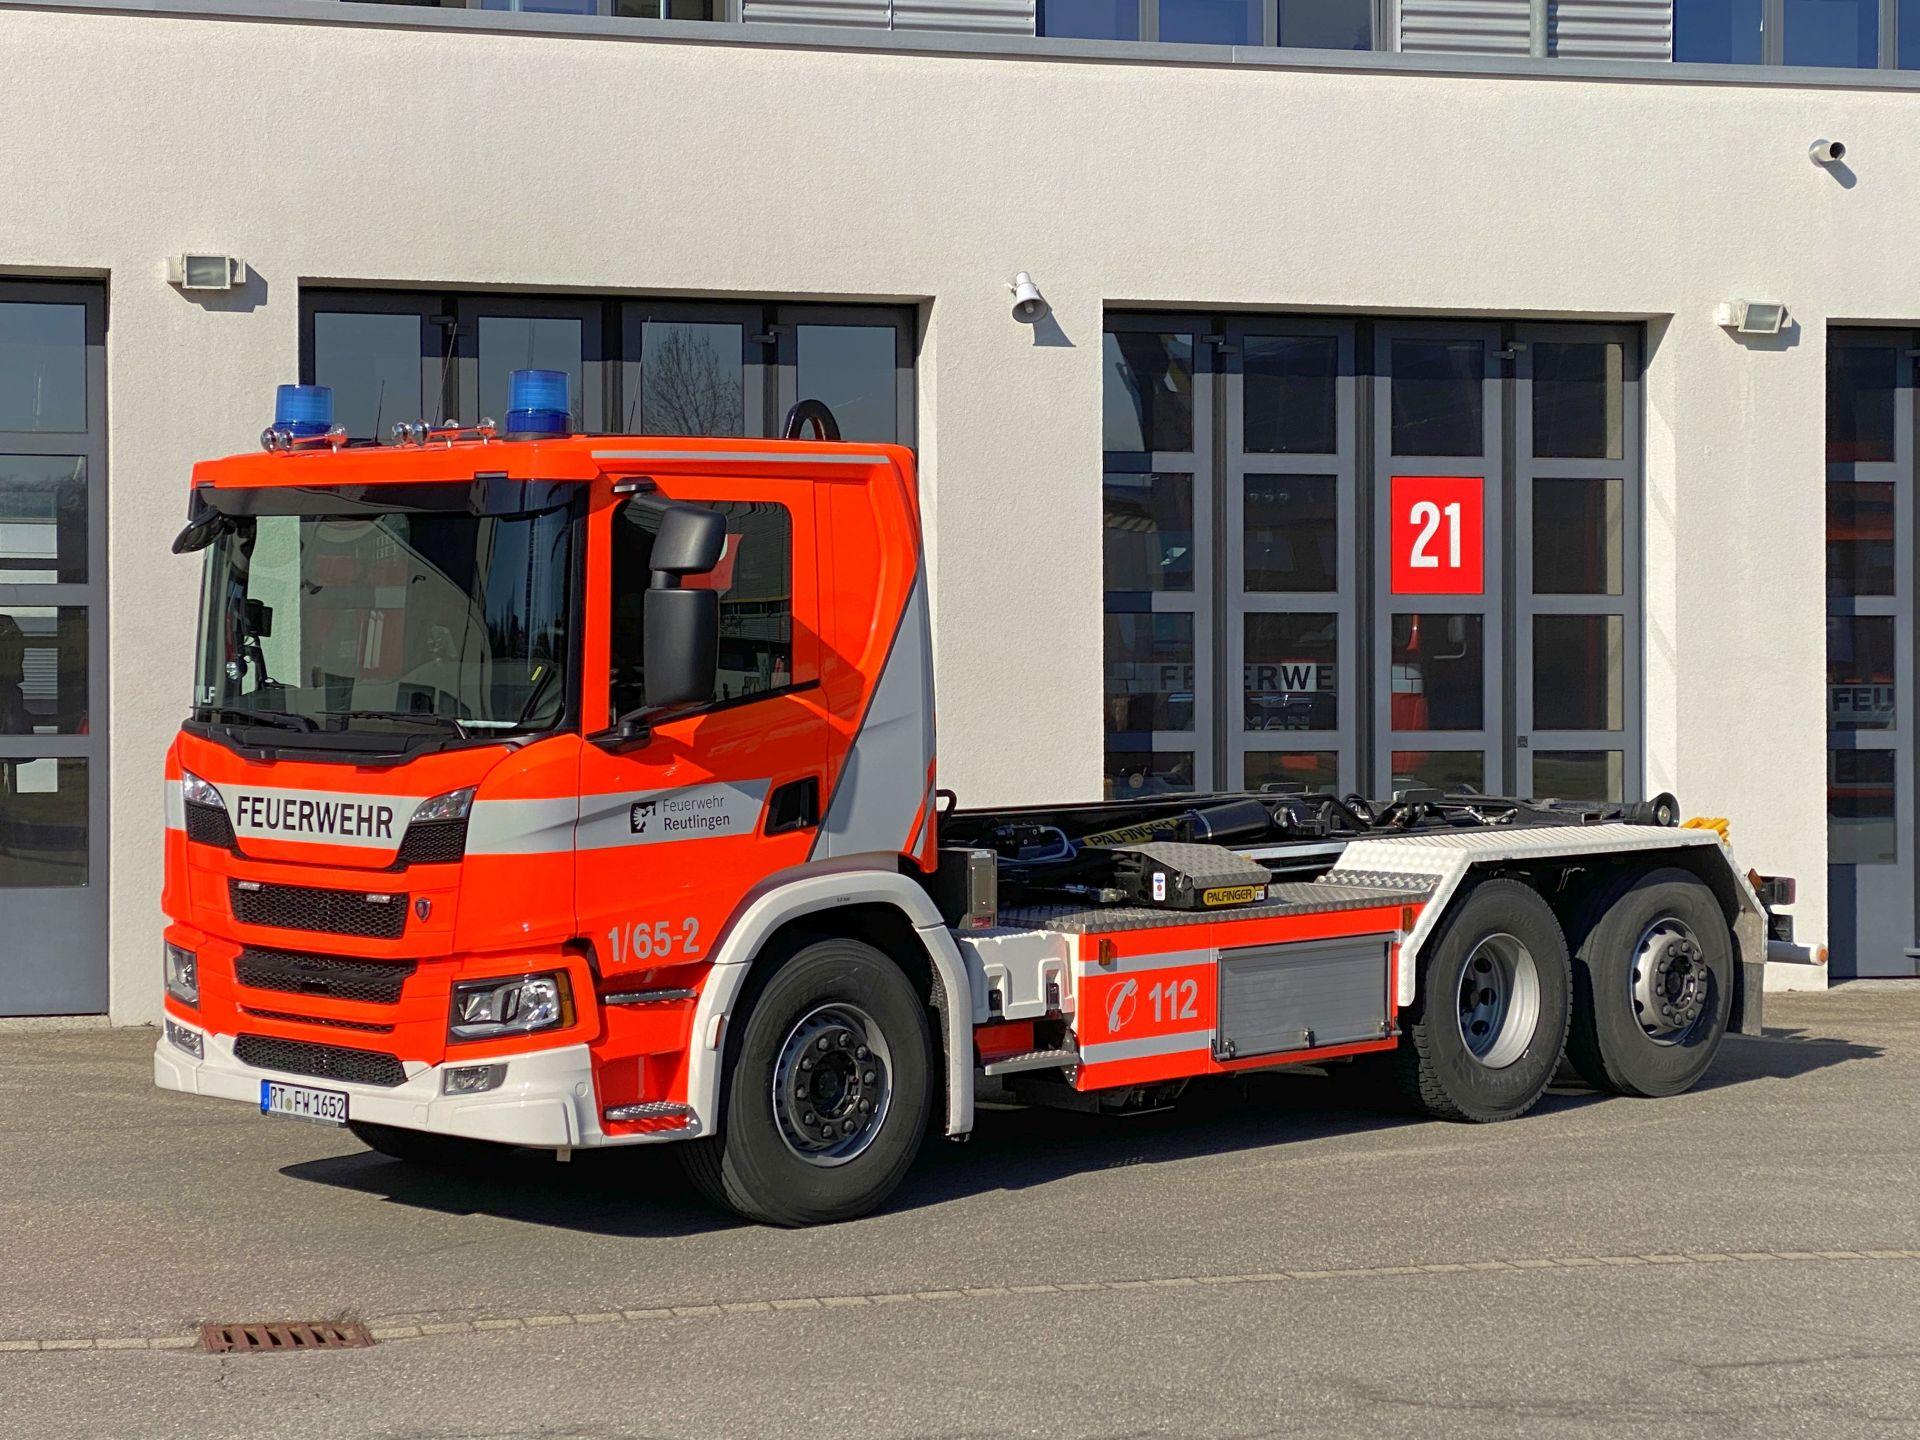 Wechselladerfahrzeug 2 Fahrgestell Scania Aufbau Firma Neff Baujahr 2020